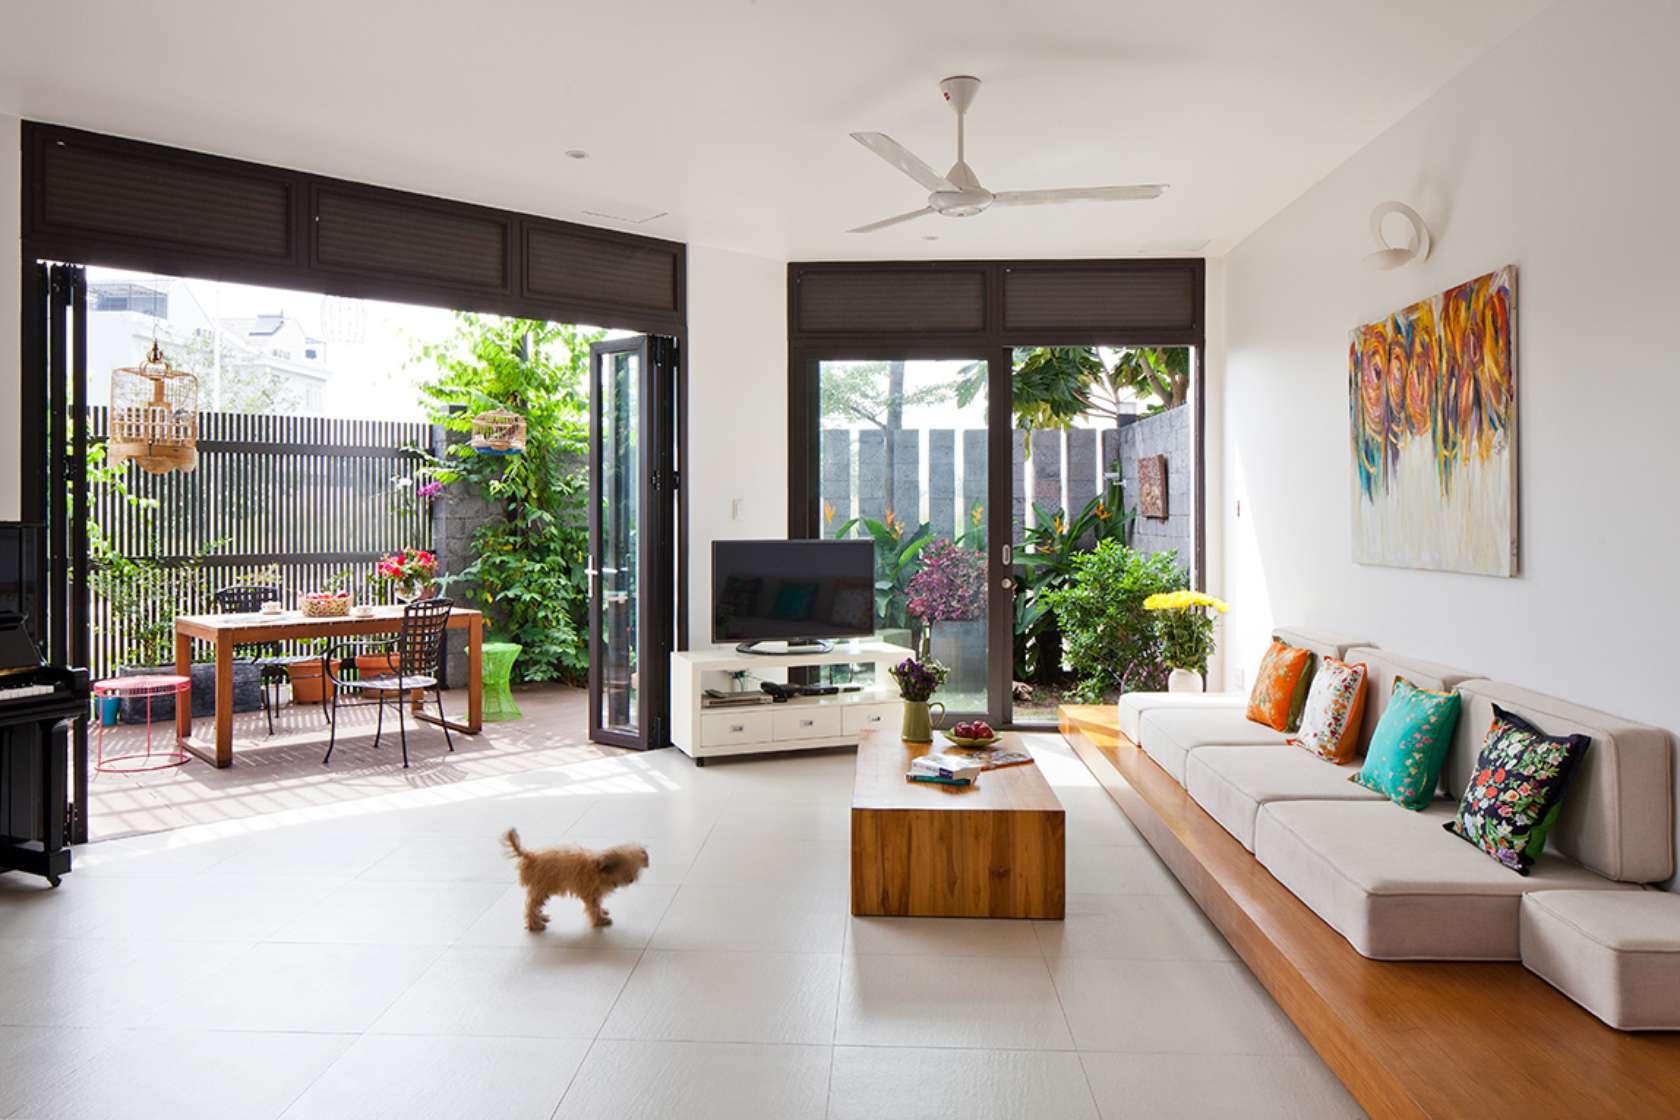 Báo Tây khen không tiếc lời công trình nhà phố 3 tầng có sân vườn cực đẹp ở Sài Gòn - Nhà Đẹp Số (6)